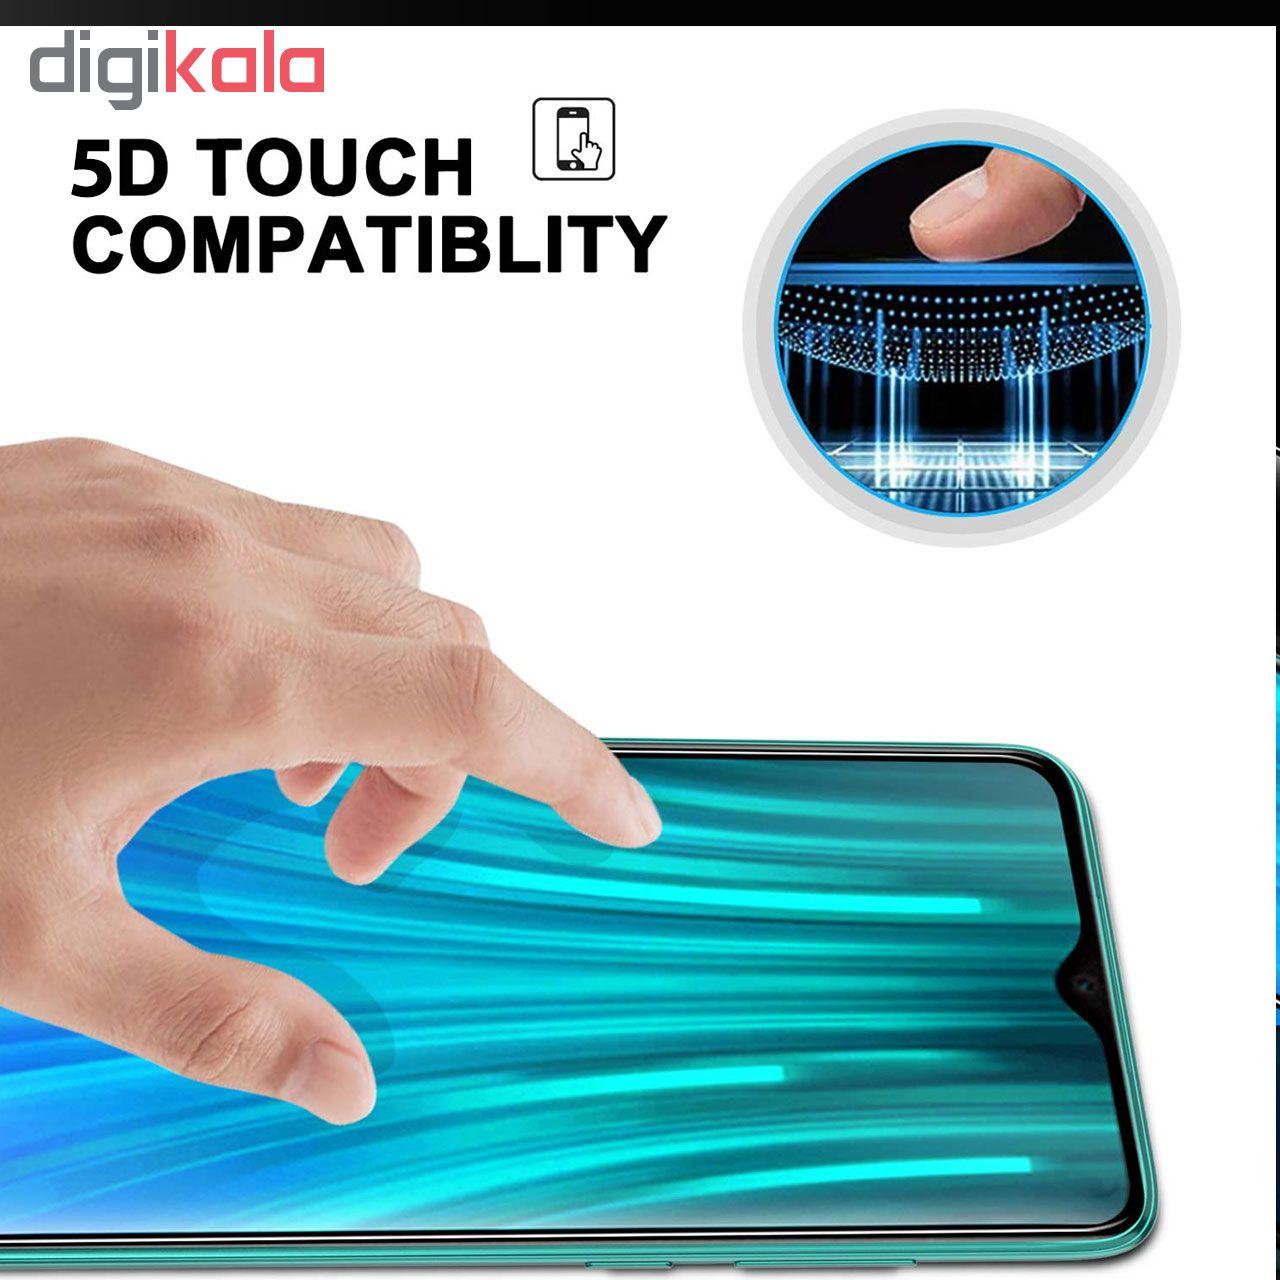 محافظ صفحه نمایش 5D هورس مدل FAG مناسب برای گوشی موبایل شیائومی Redmi Note 8 Pro main 1 5